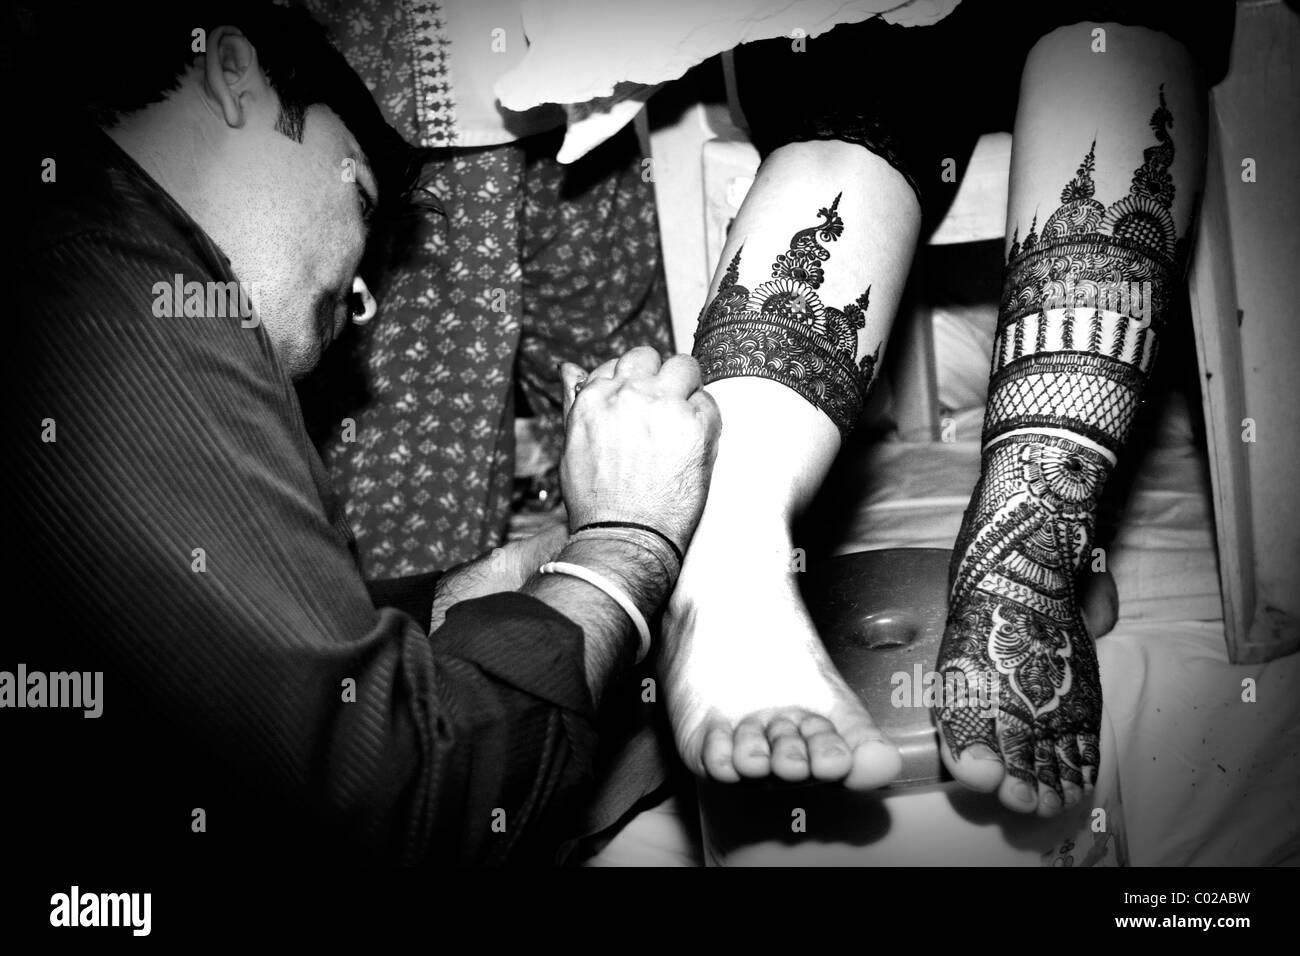 Una novia India obtiene sus tobillos pintados con henna en Nueva Delhi en la India. Imagen De Stock